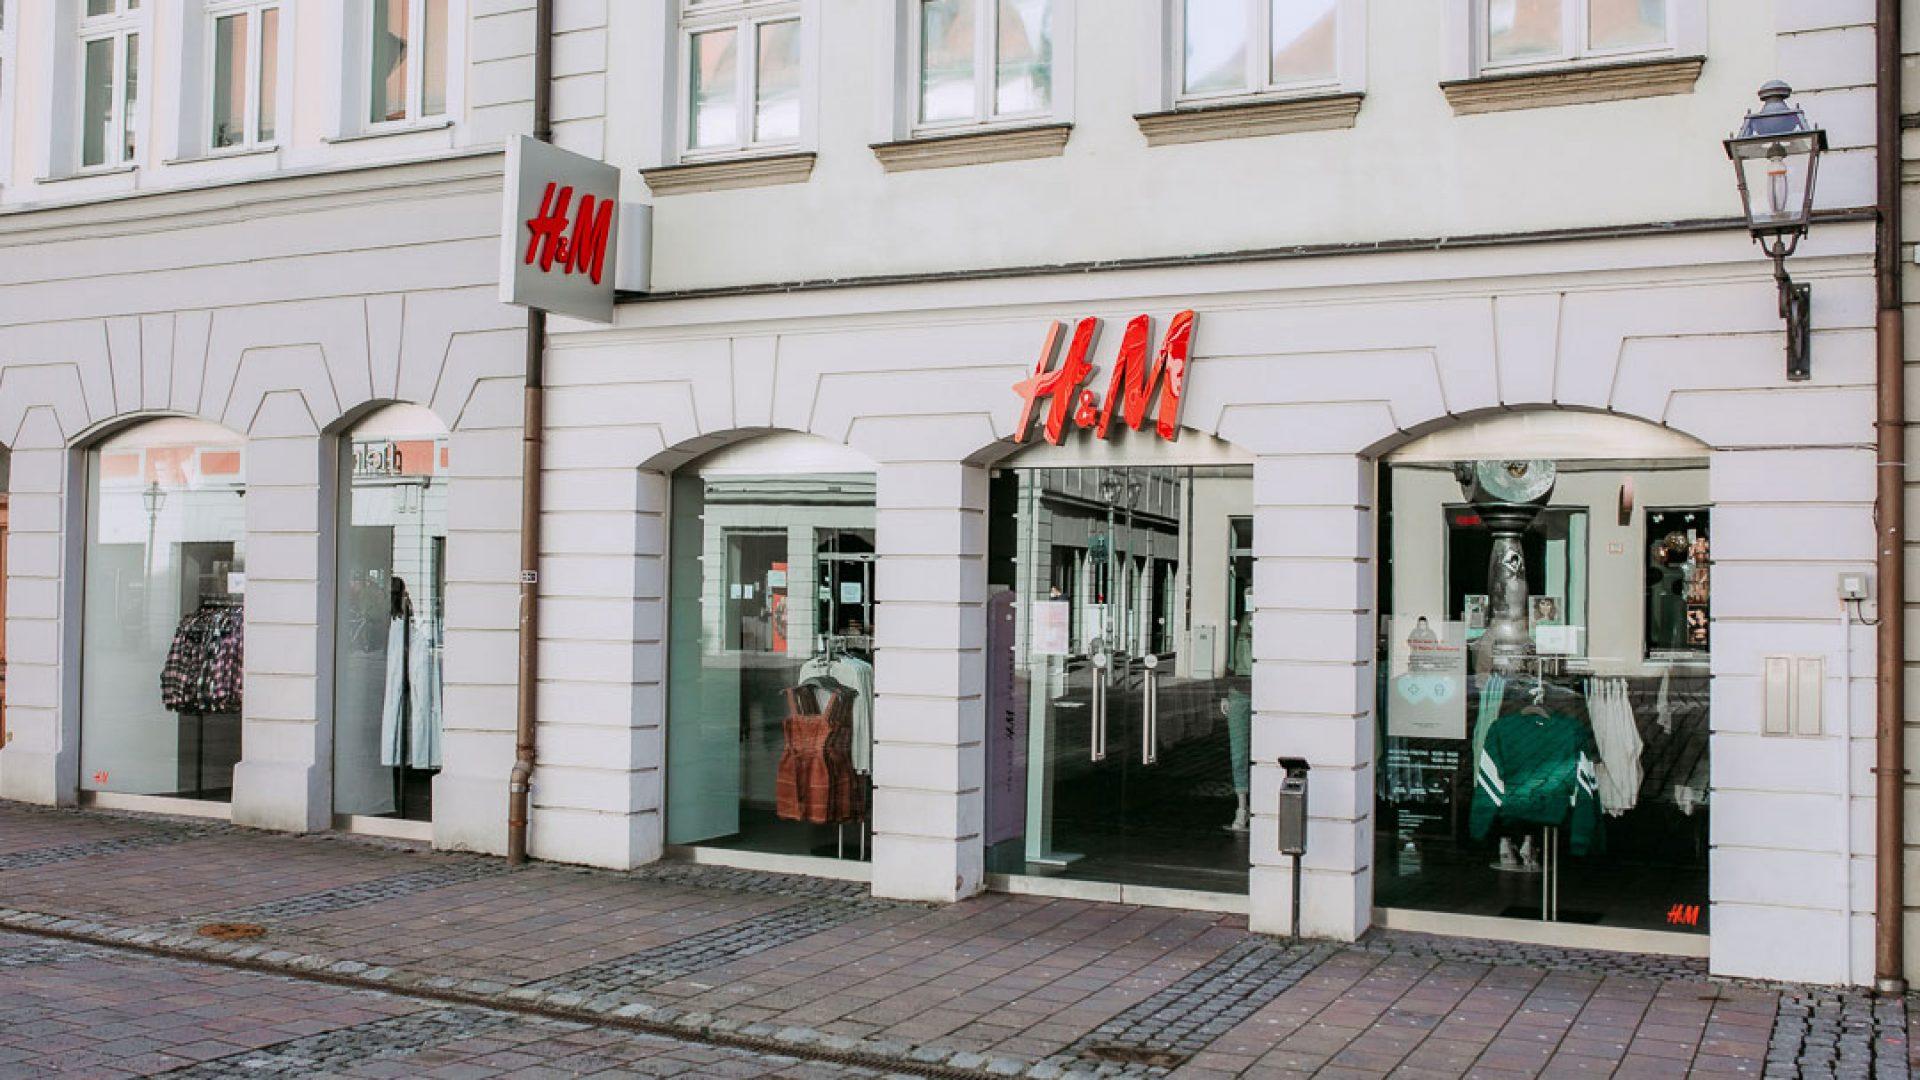 Einkaufen-in-Ansbach-H&M